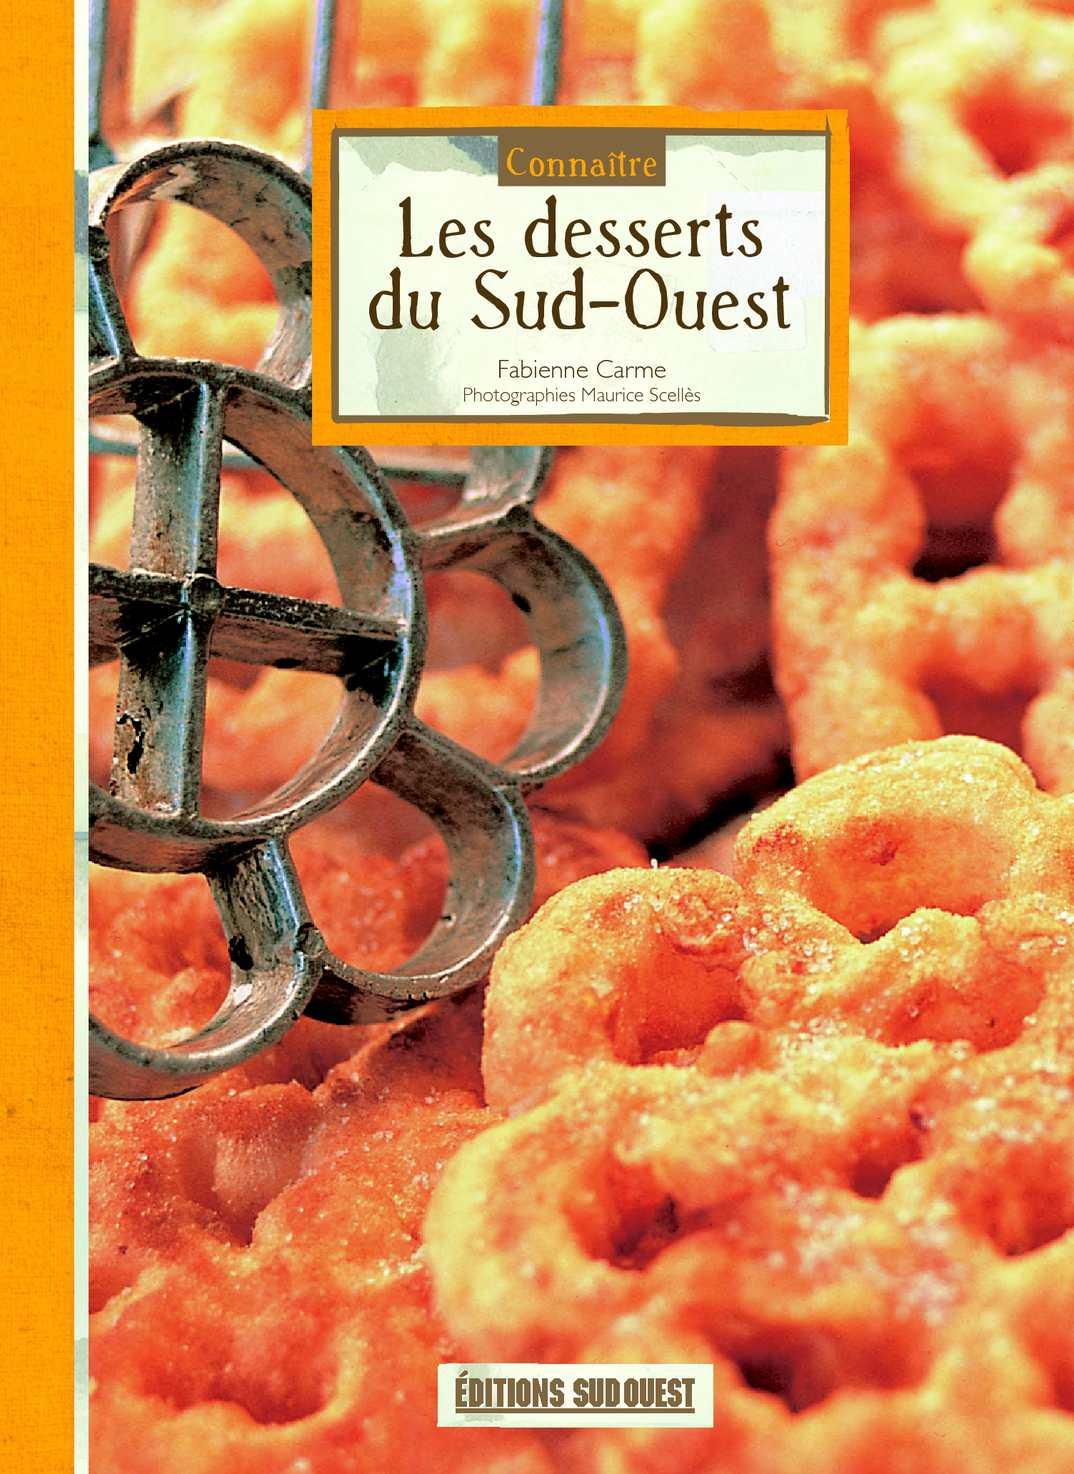 Connaître les desserts du Sud-Ouest